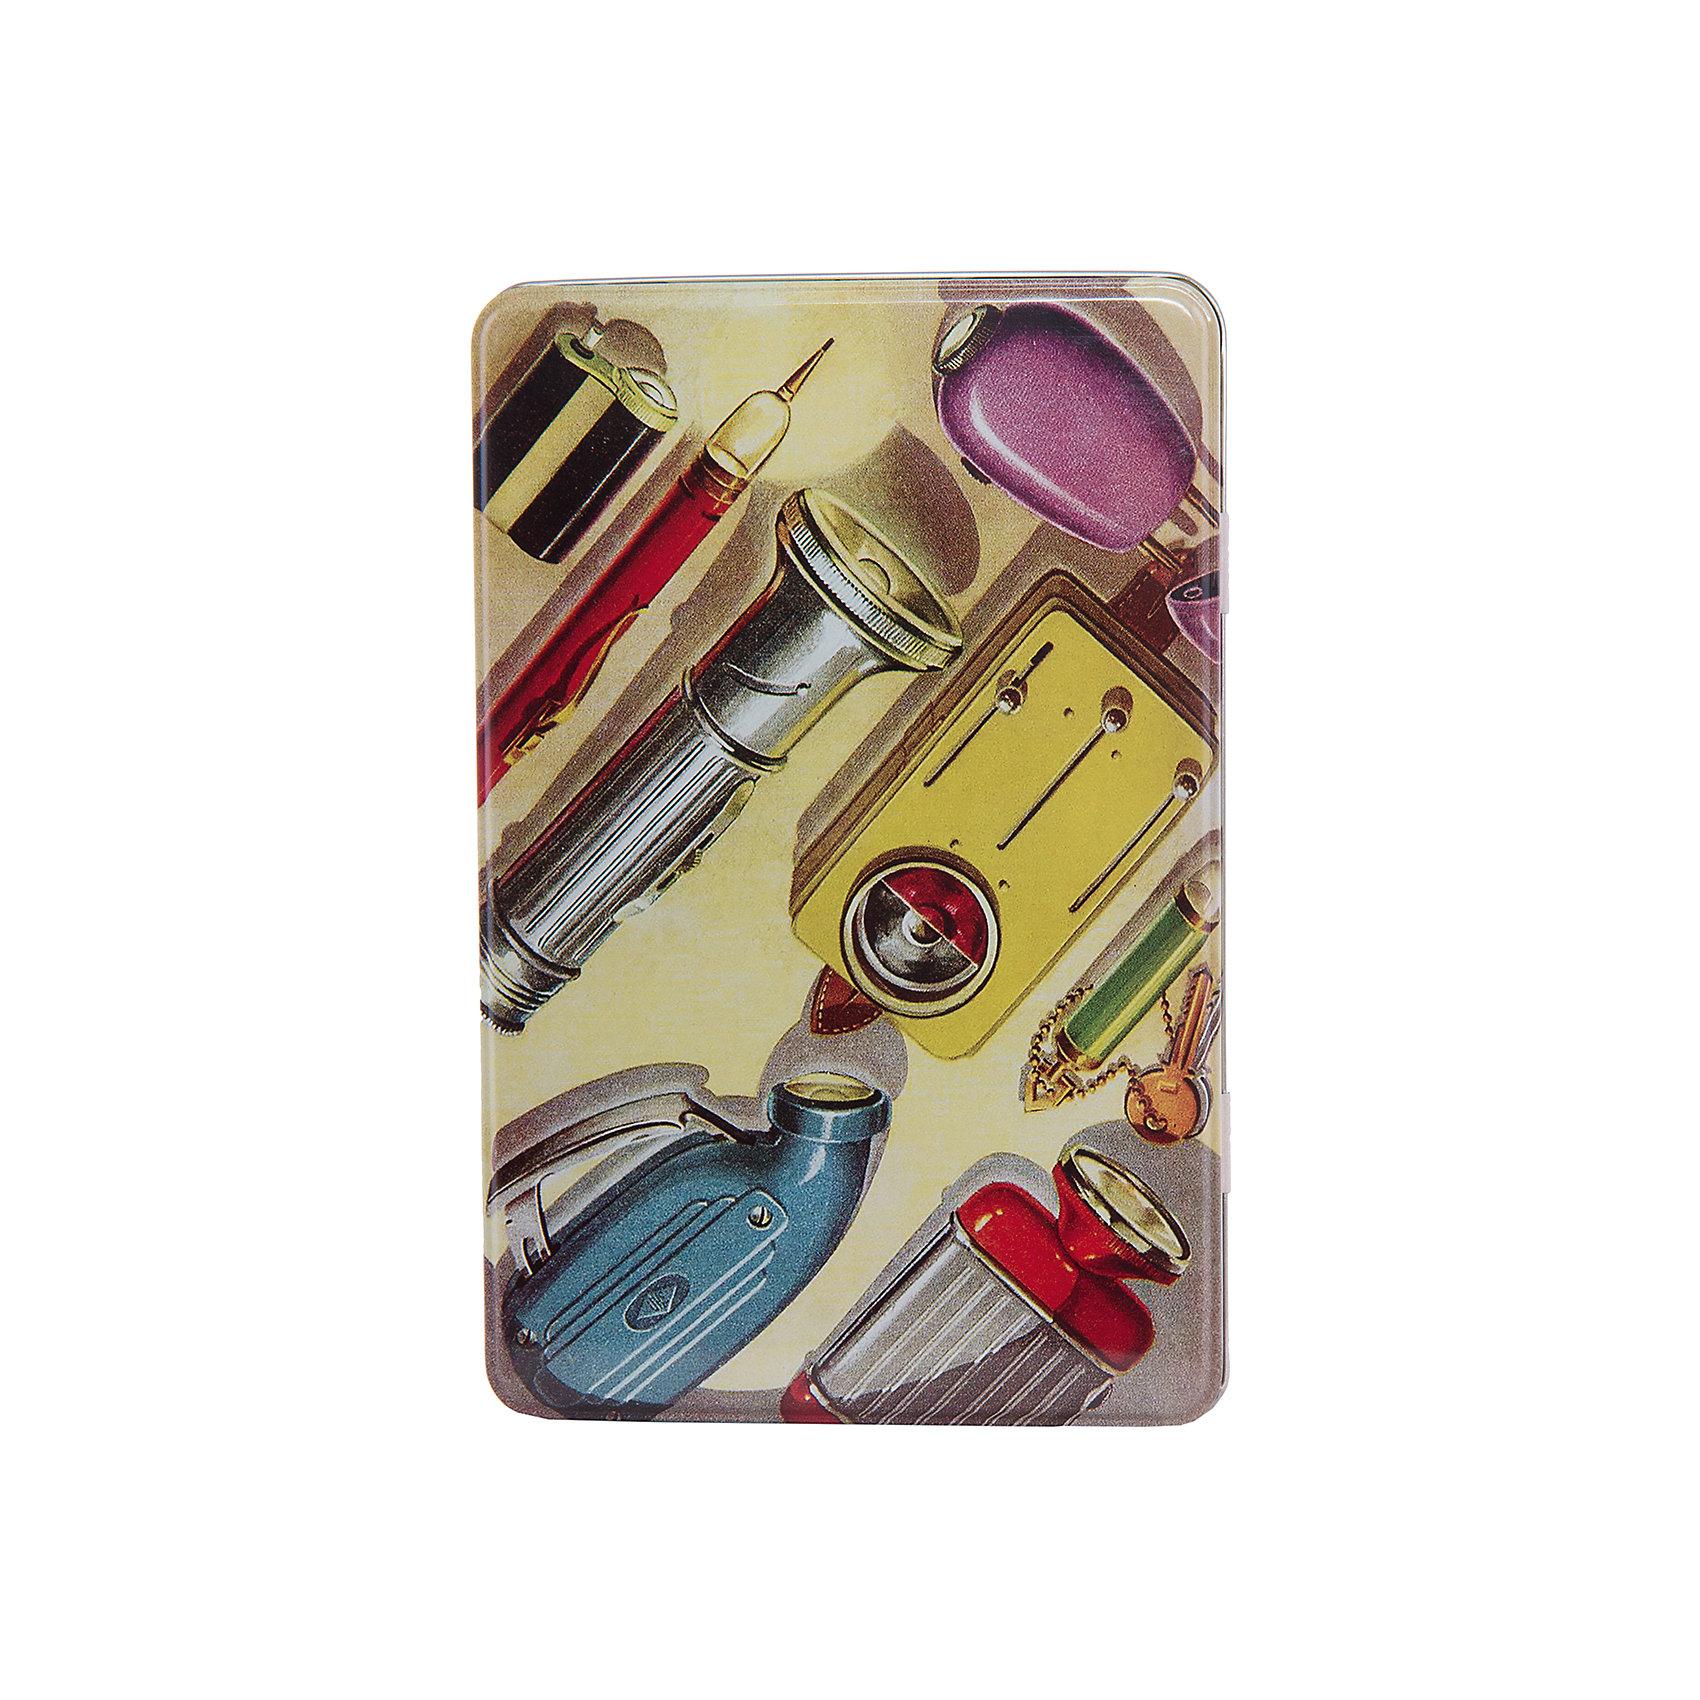 Коробка для бытовых нужд Инструменты 1700млПредметы интерьера<br>Инструменты - металлическая коробка для бытовых нужд, в которую прекрасно поместятся  небольшие предметы для дома. Коробка закрывается крышкой и декорирована  рисунком с советскими инструментами. С такой коробкой приятно будет добавить немного ретро в свой дом.<br><br>Дополнительная информация:<br>Материал: металл<br>Размер: 20х7 см<br>Объем: 1700 мл<br>Коробку для бытовых нужд Инструменты вы можете приобрести в нашем интернет-магазине.<br><br>Ширина мм: 420<br>Глубина мм: 430<br>Высота мм: 550<br>Вес г: 184<br>Возраст от месяцев: 84<br>Возраст до месяцев: 216<br>Пол: Унисекс<br>Возраст: Детский<br>SKU: 4957998